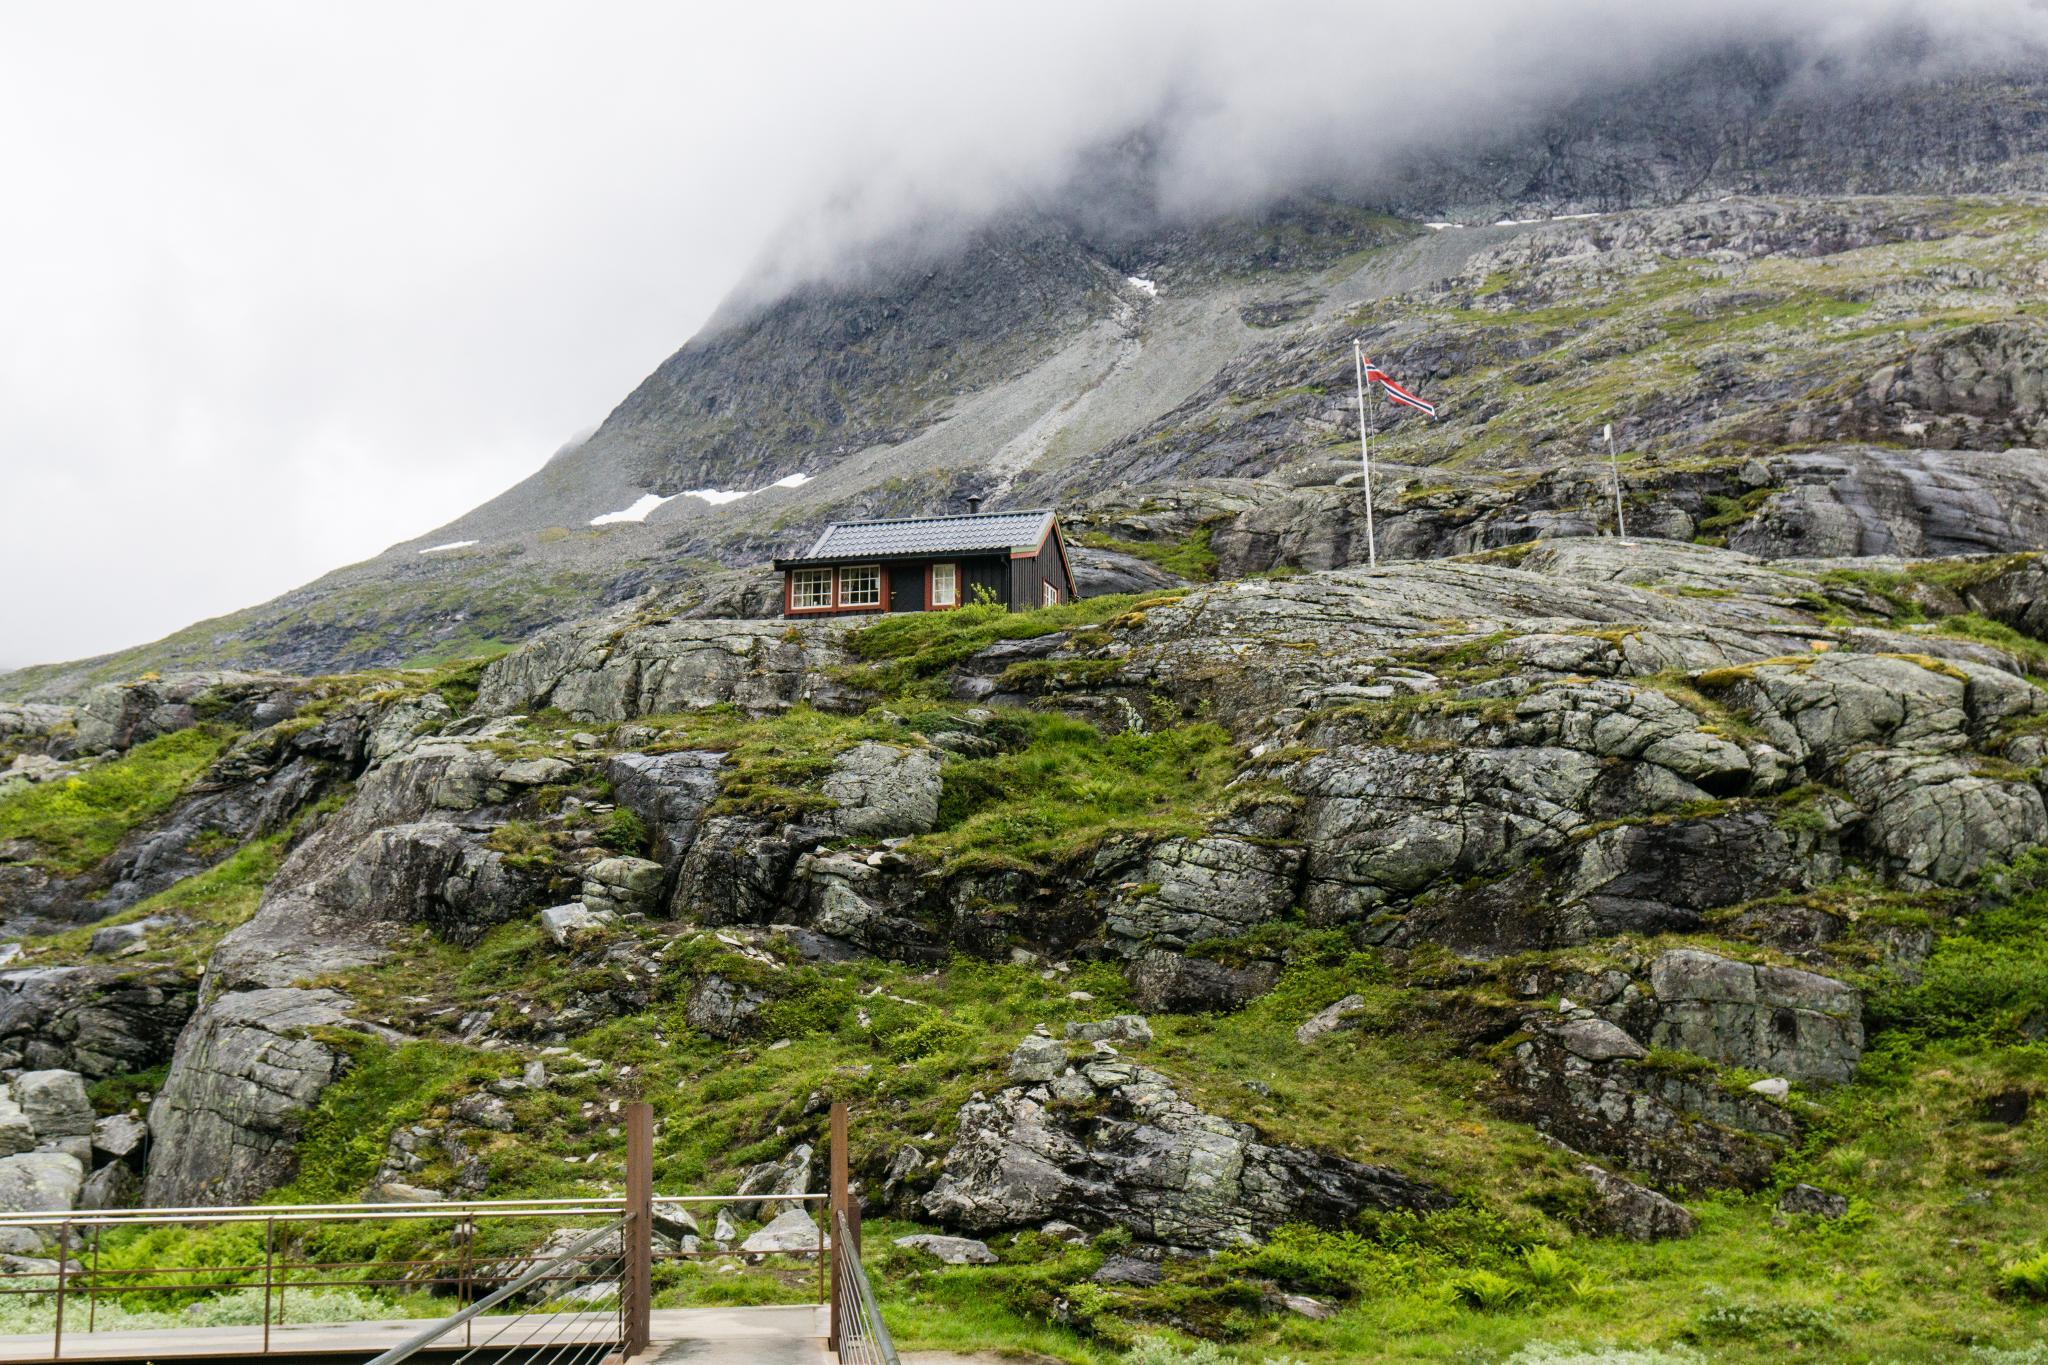 【北歐景點】Trollstigen 精靈之路 ∣ 挪威最驚險的世界級景觀公路 9